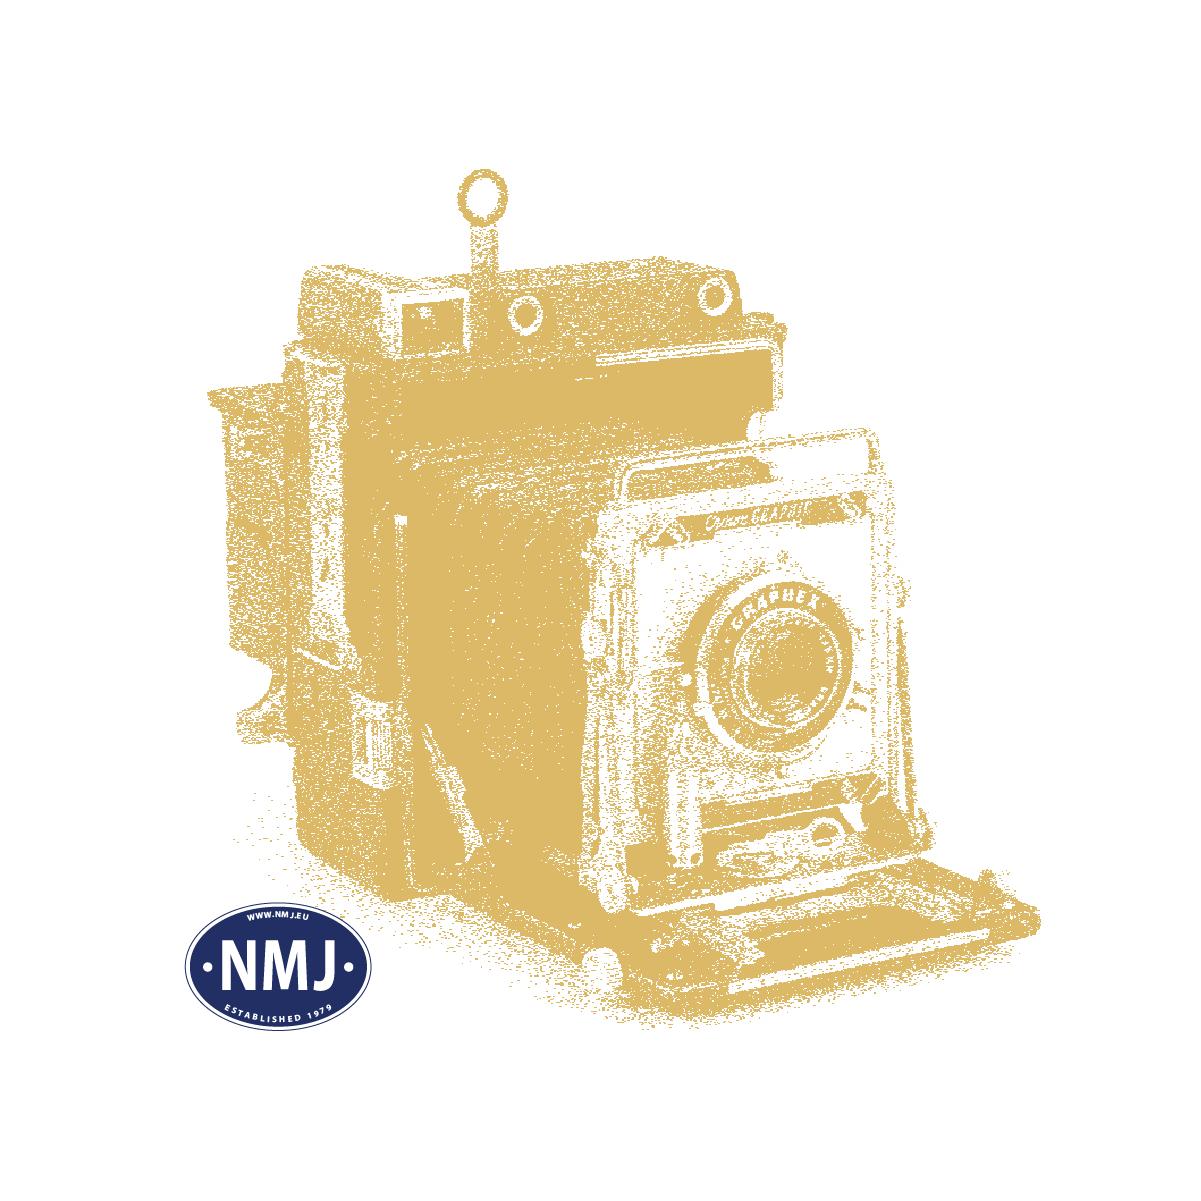 NMJT90019 - NMJ Topline NSB Di3 617, Rot/Schwarz, DCC m/ Sound